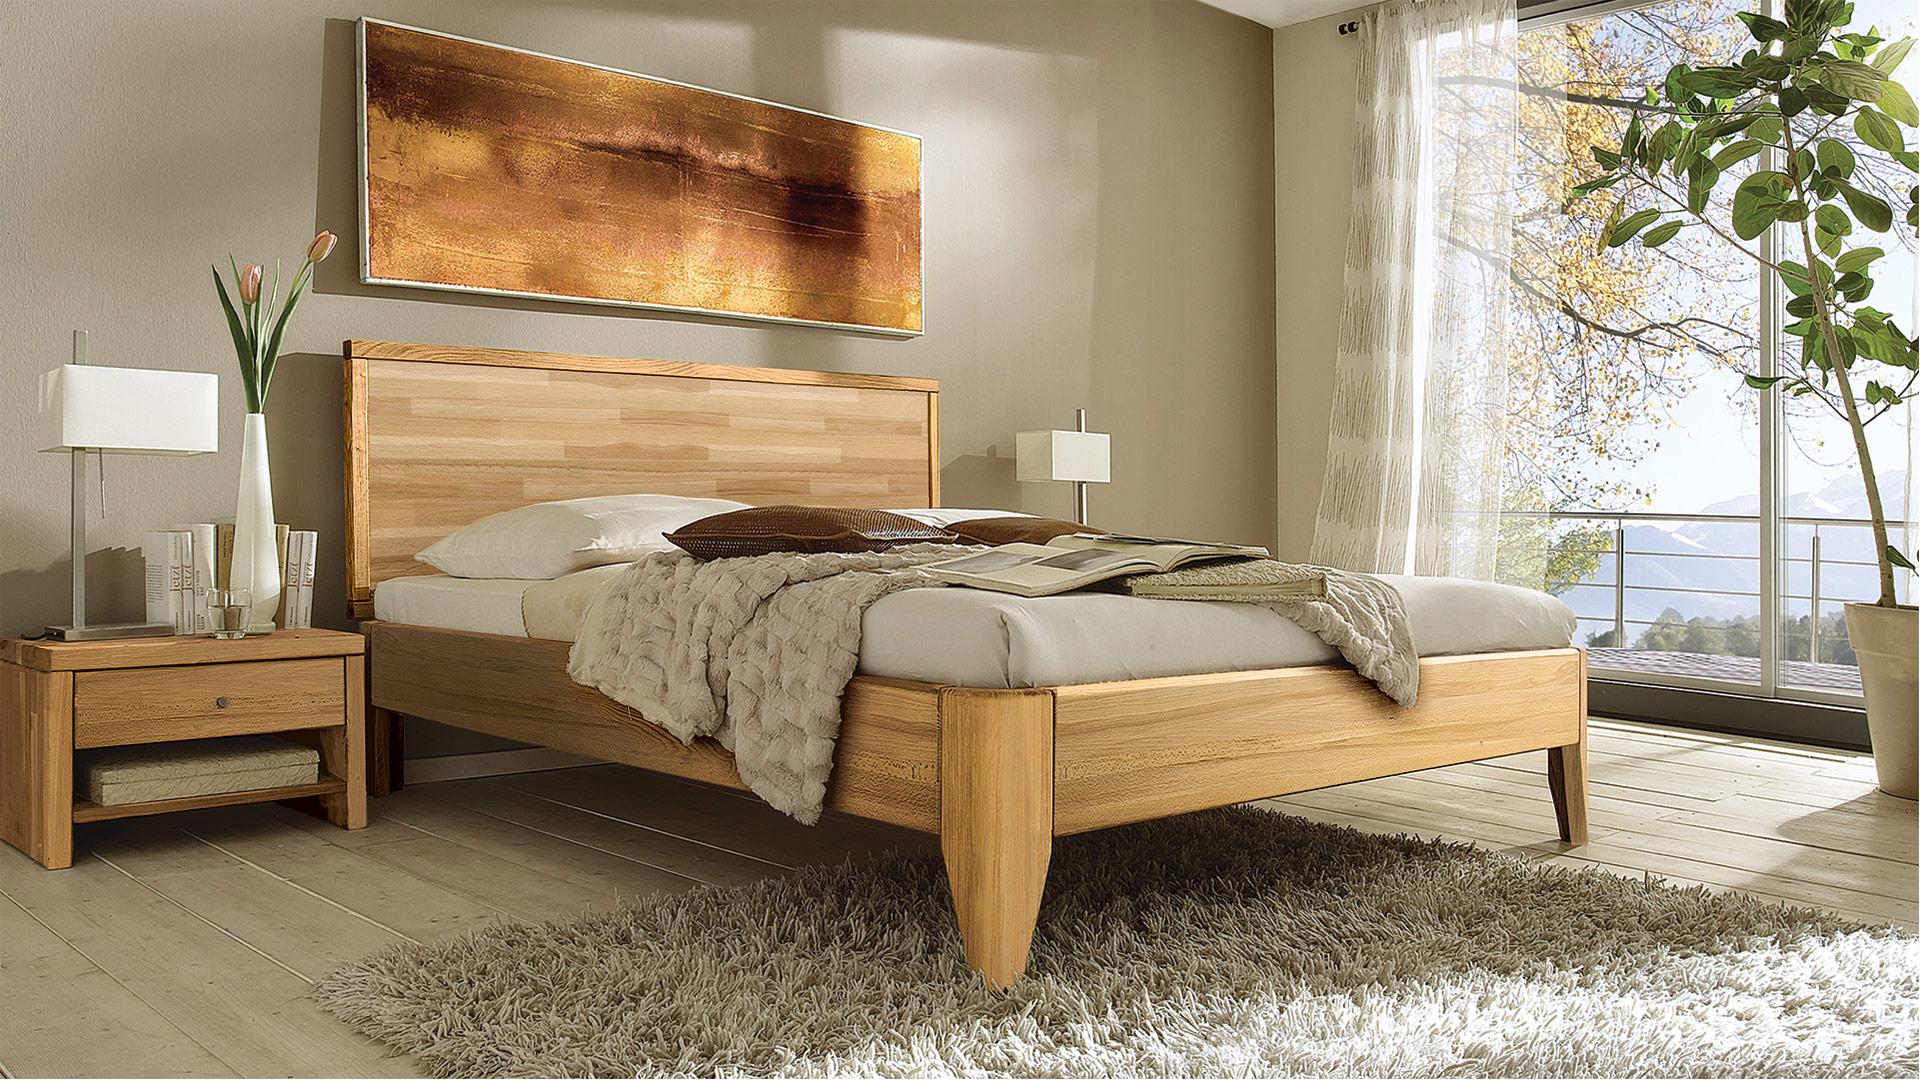 Beeindruckend Bett Einzelbett Ideen Von Veria